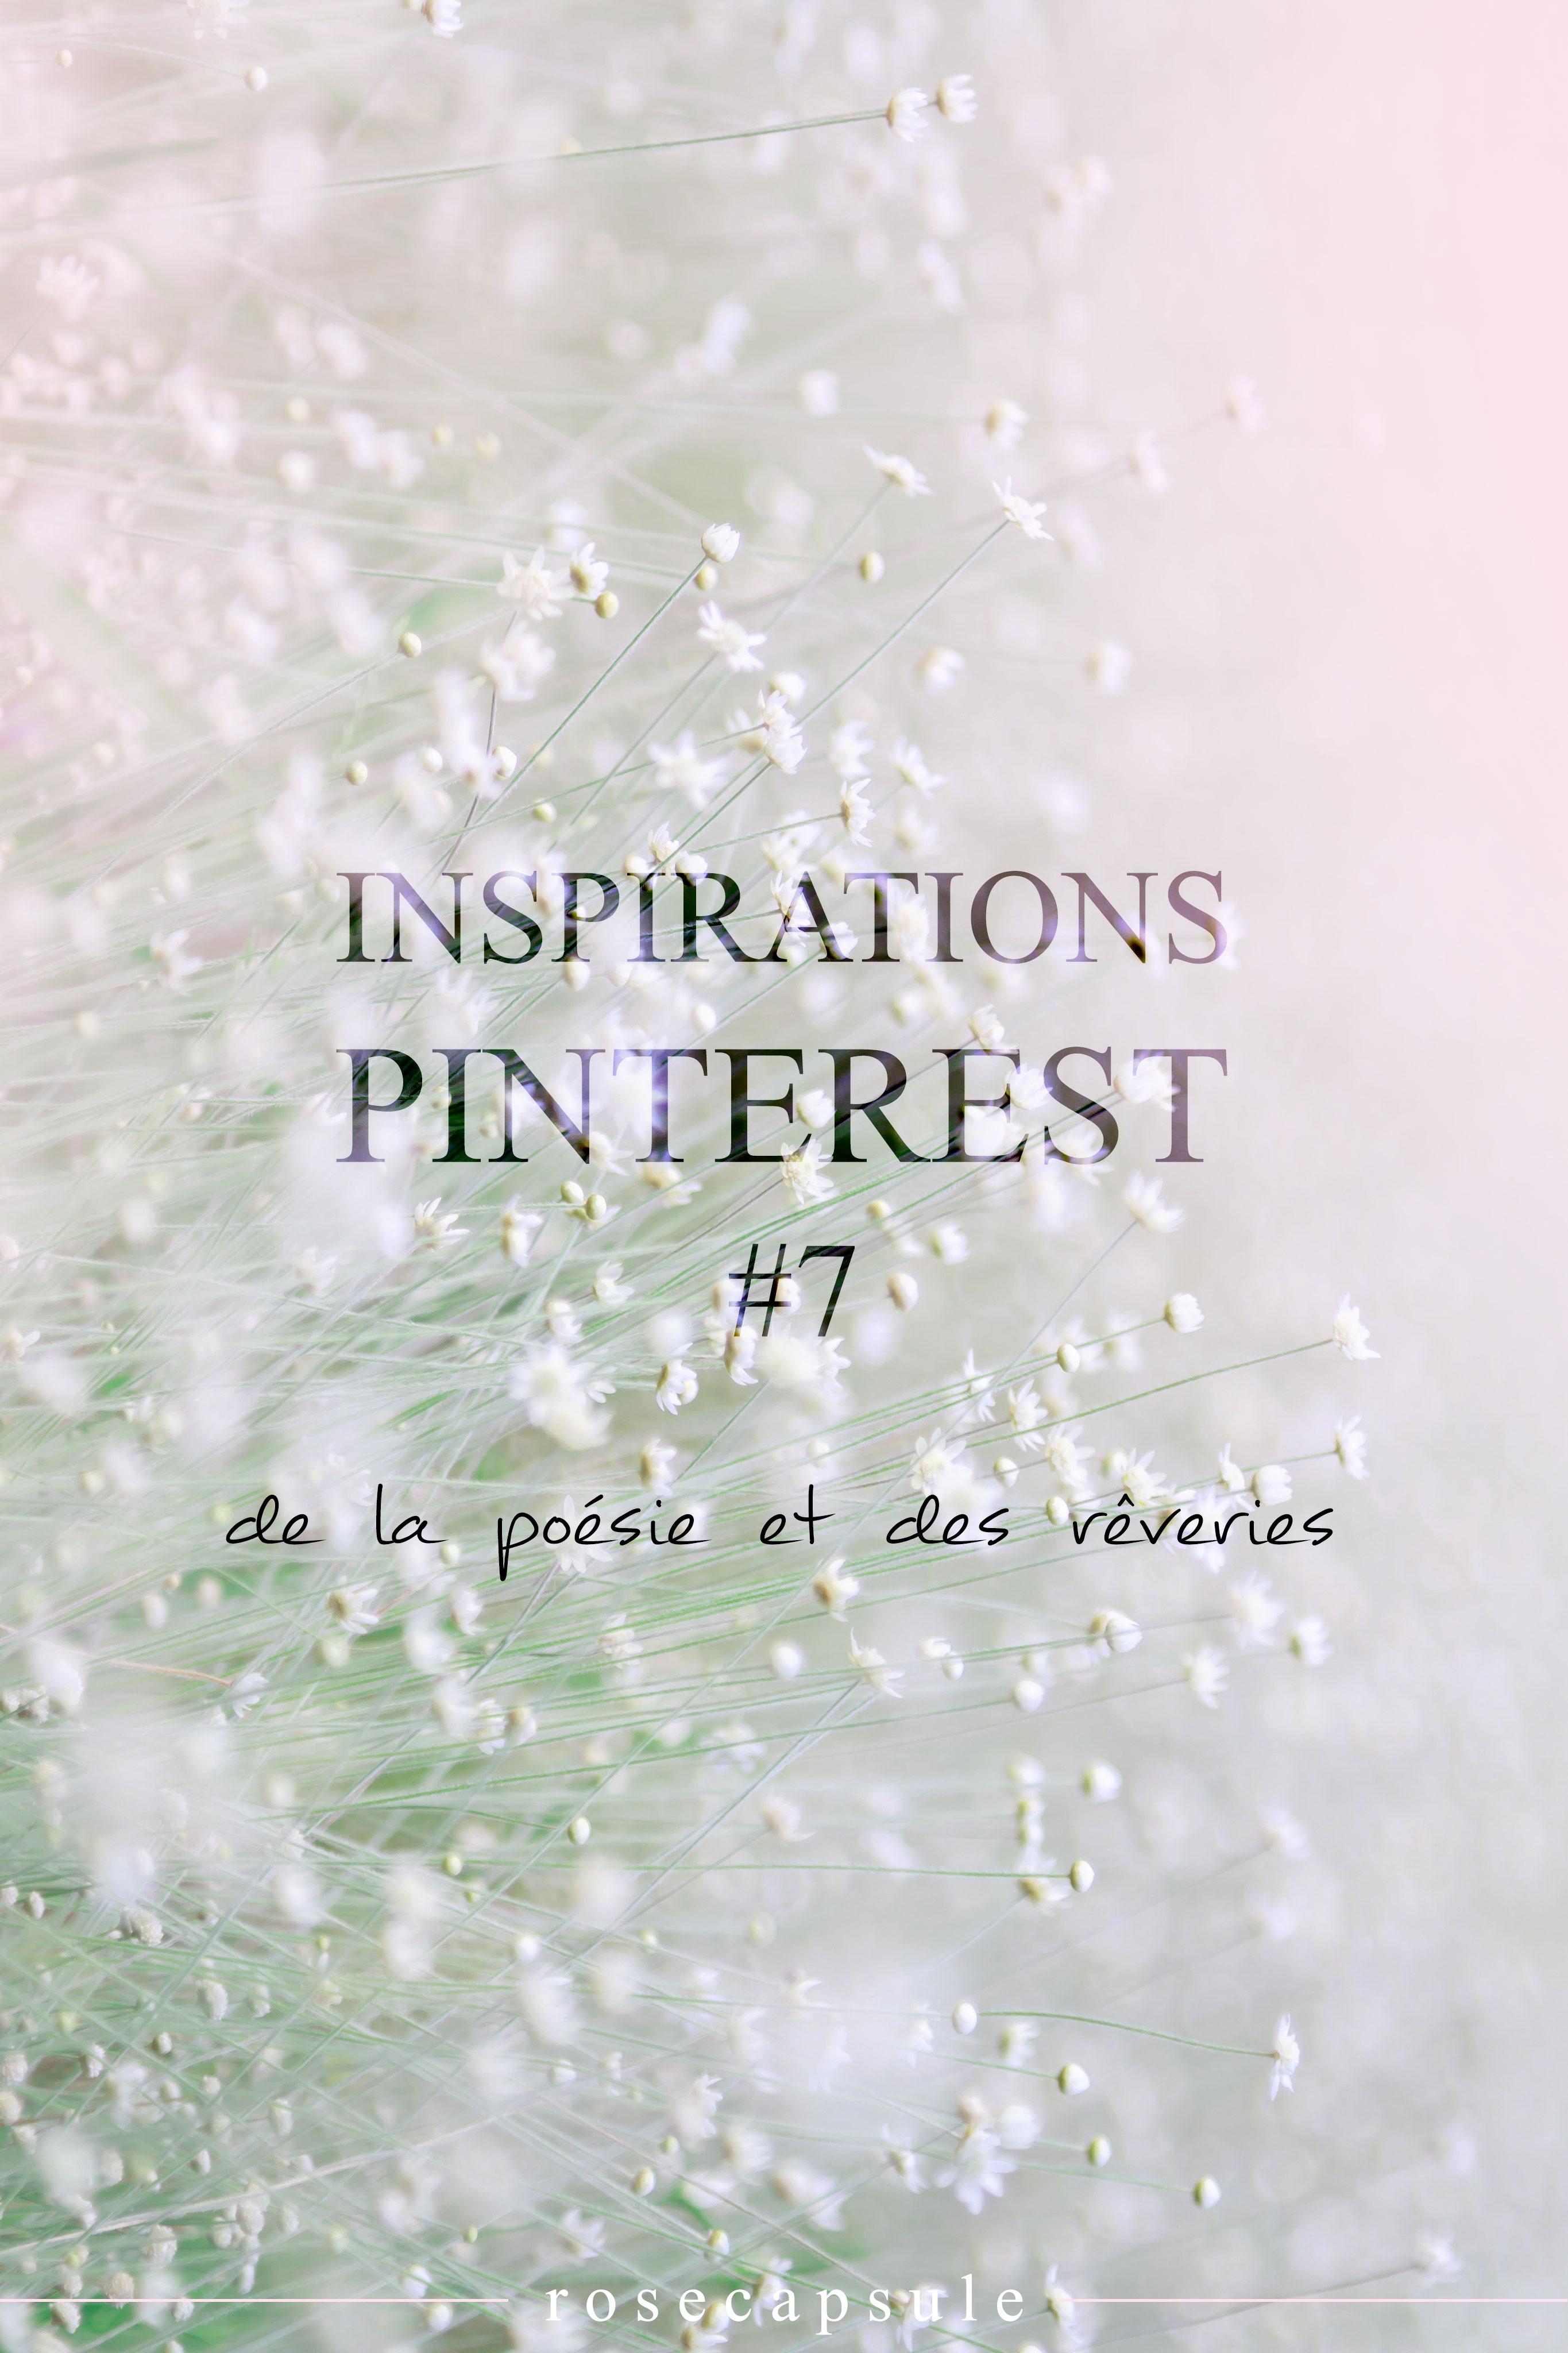 Inspirations Pinterest #7 : De la poésie et des rêveries